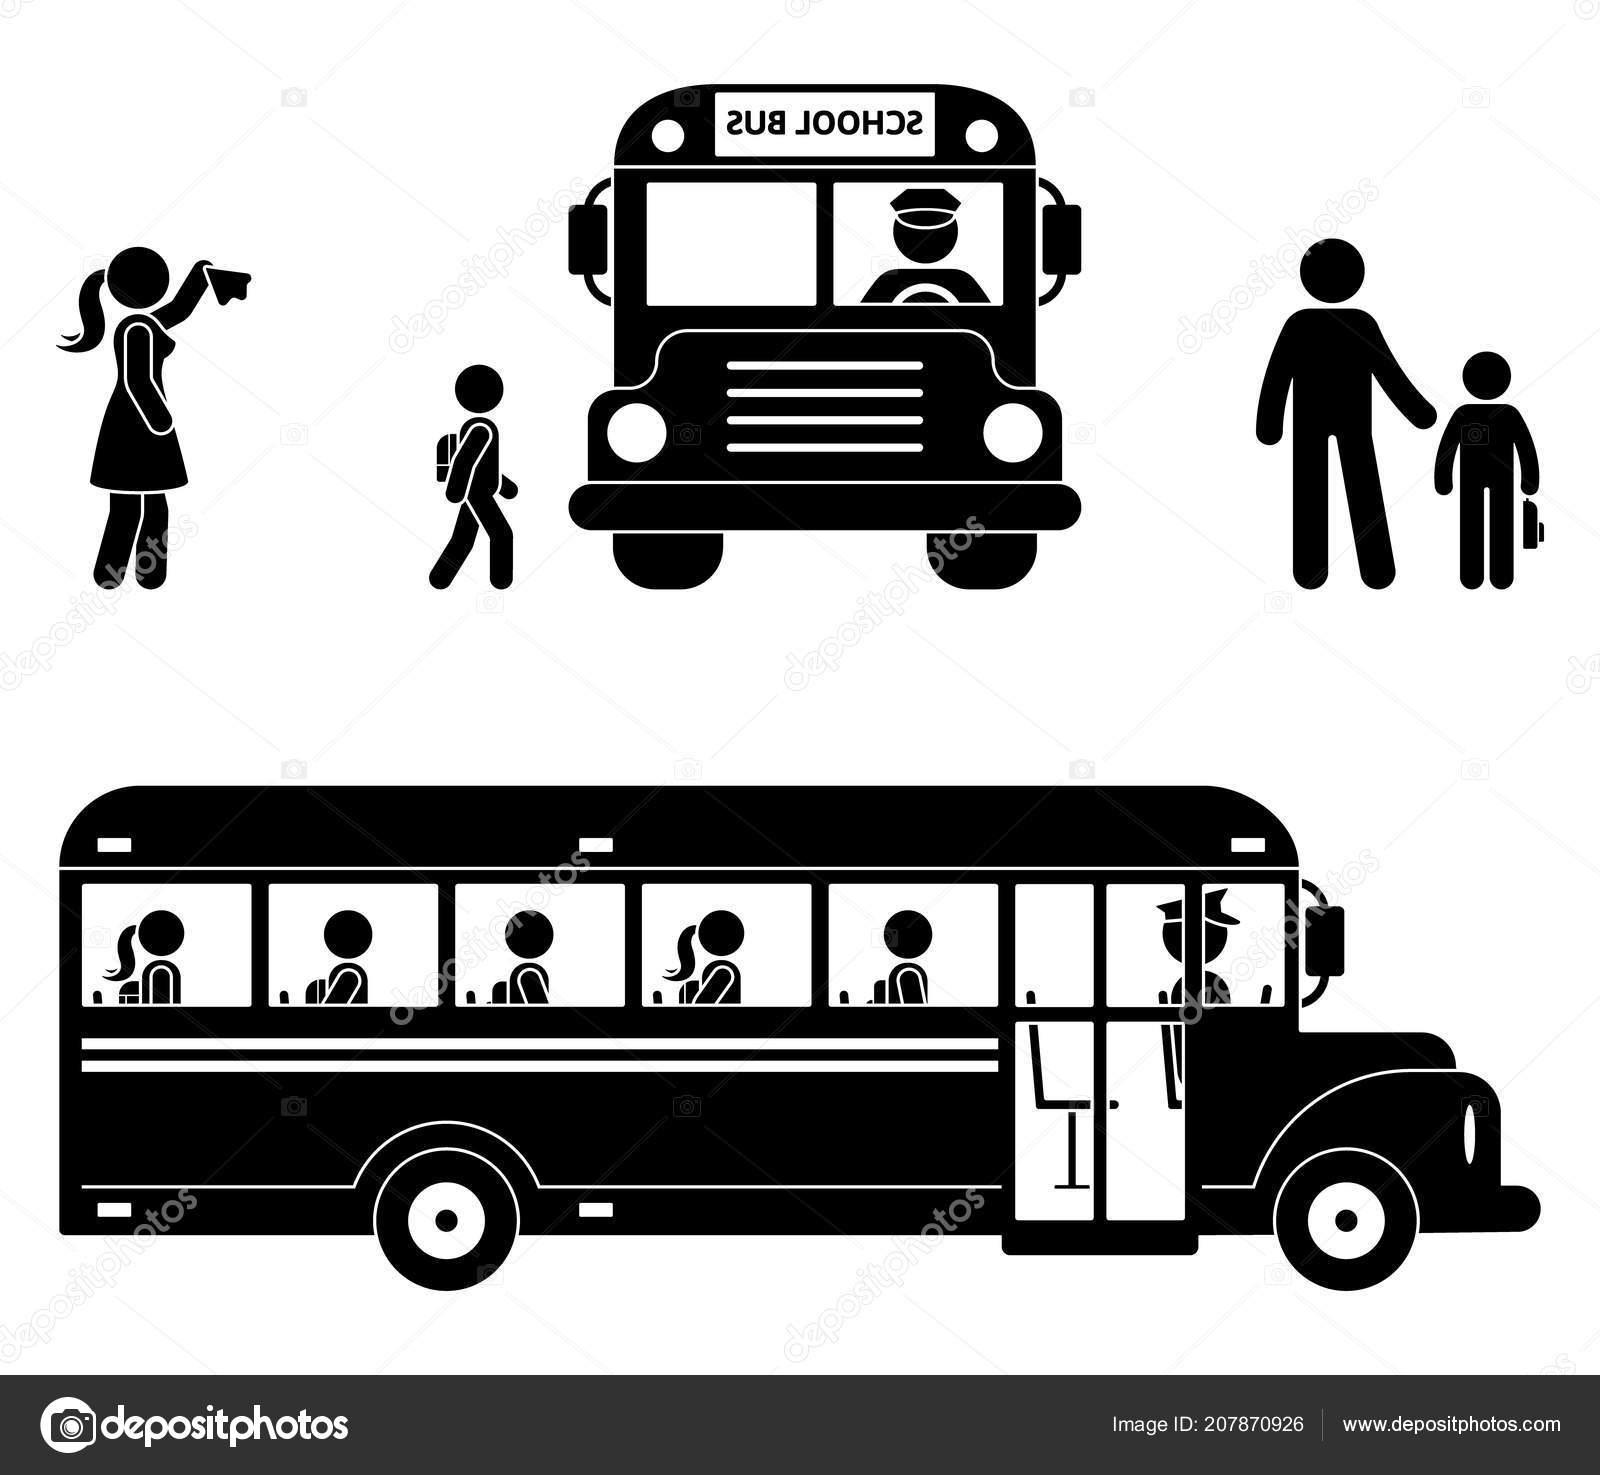 Scuola Bambini Seduti Autobus Figura Stilizzata Icona Scuola